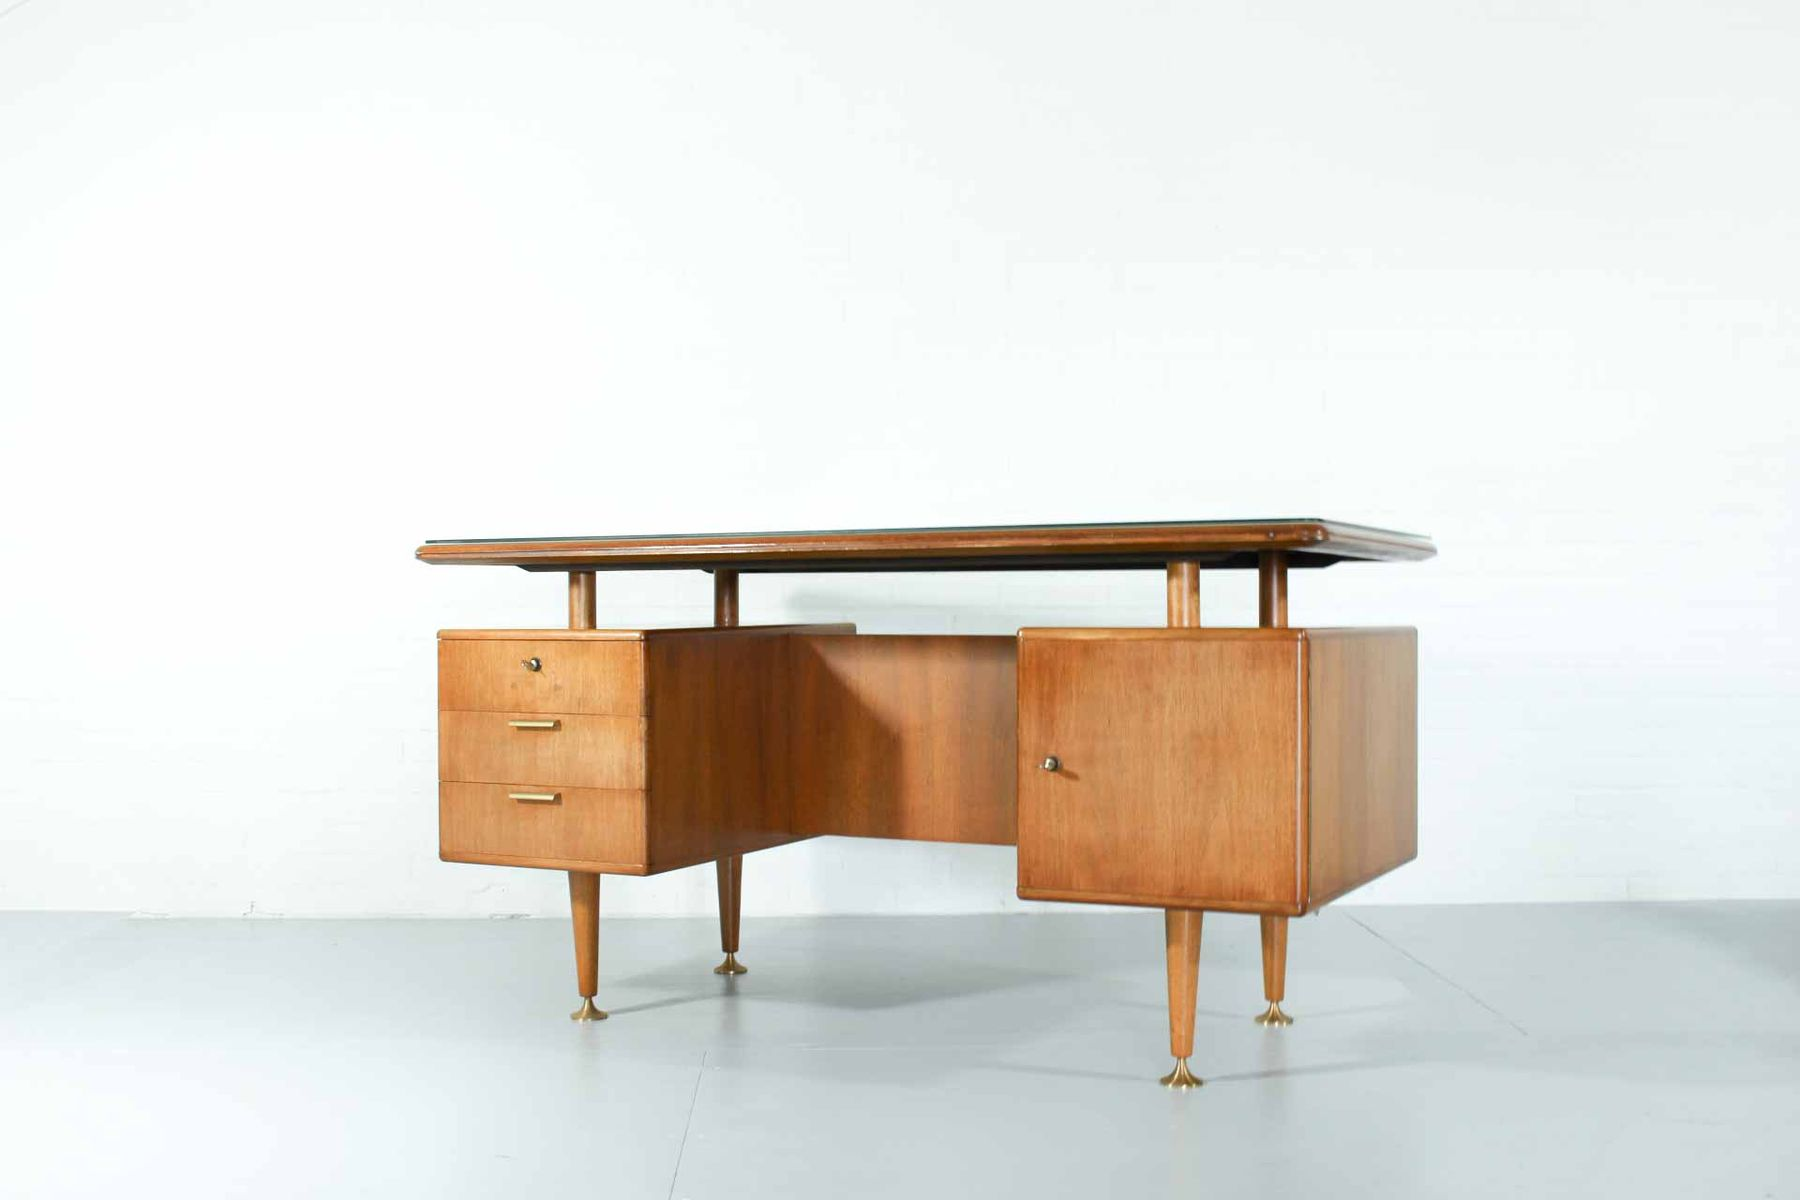 niederl ndischer nussholz poly z schreibtisch mit stuhl von patijn f r zijlstra 1950er 2er set. Black Bedroom Furniture Sets. Home Design Ideas